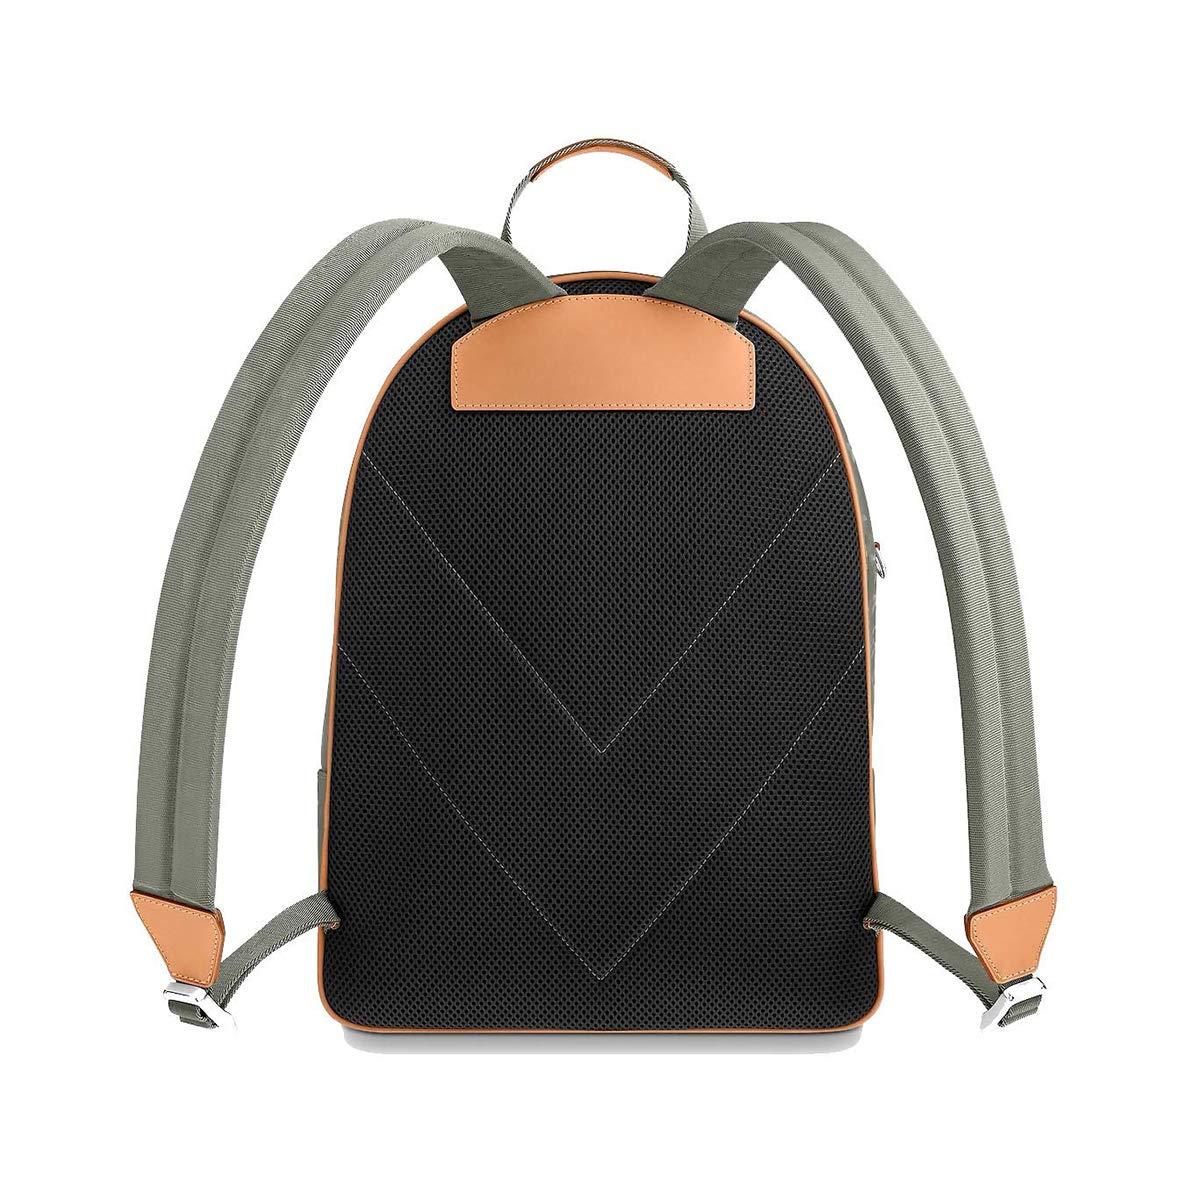 4c489c089dd1 bag eLVe レディース B07NW6CS1X L サイズ: US LV-8-PCバッグケース ...